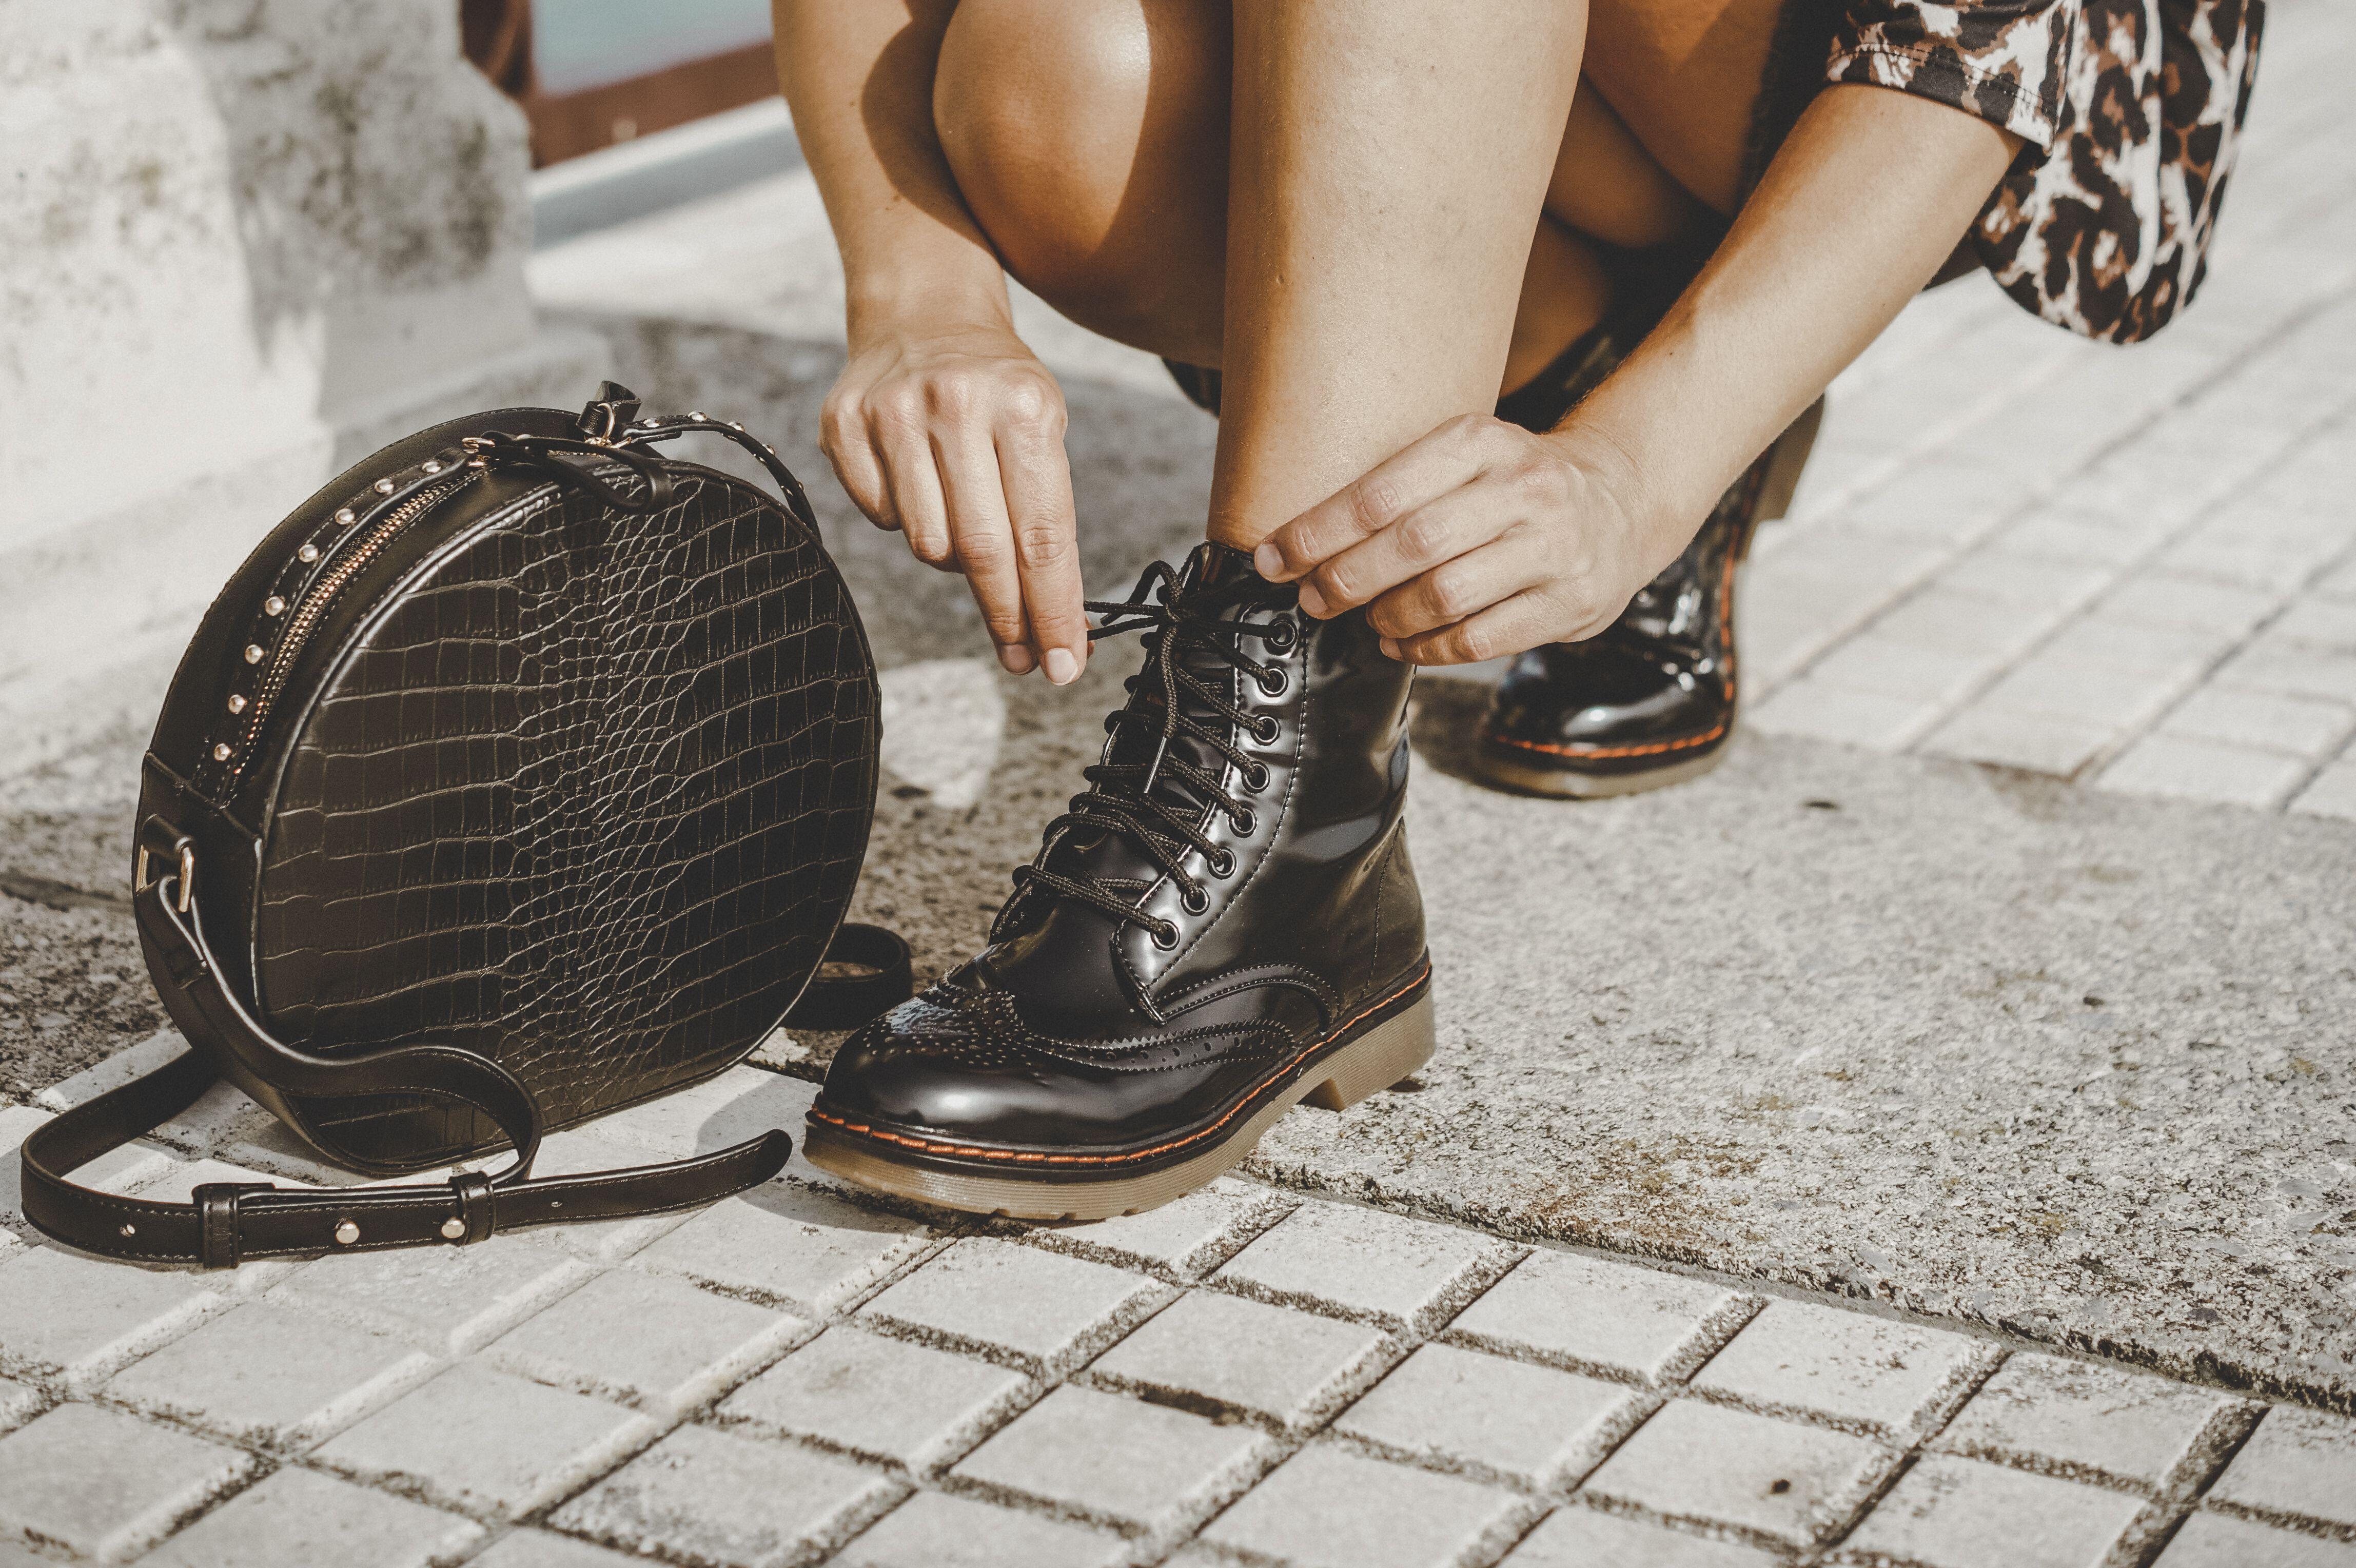 97a80ba0907 Look con botas militares negras de charol con cordones y suela de goma.  Combina tus